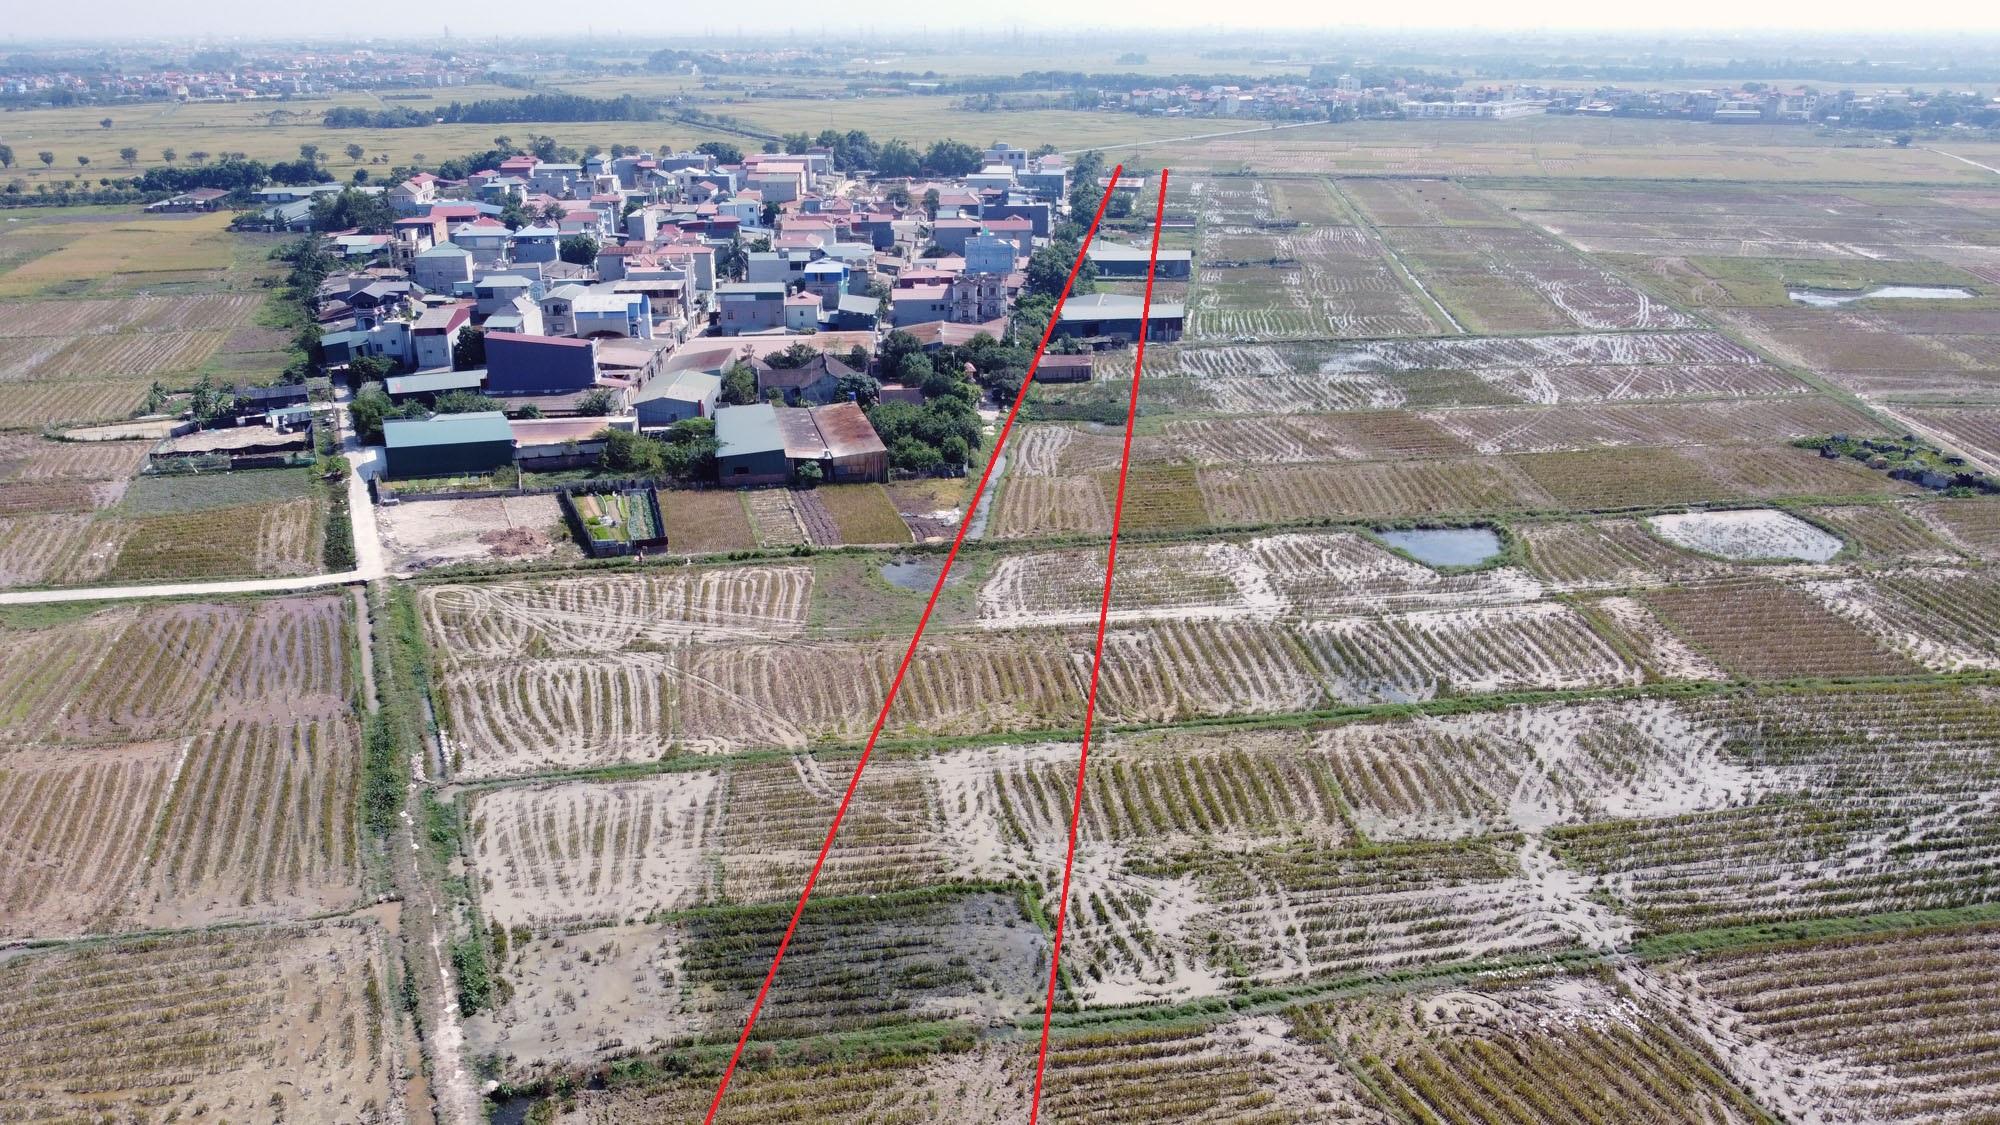 Vị trí ba đường sẽ mở theo qui hoạch ở xã Xuân Nộn, Đông Anh, Hà Nội - Ảnh 5.